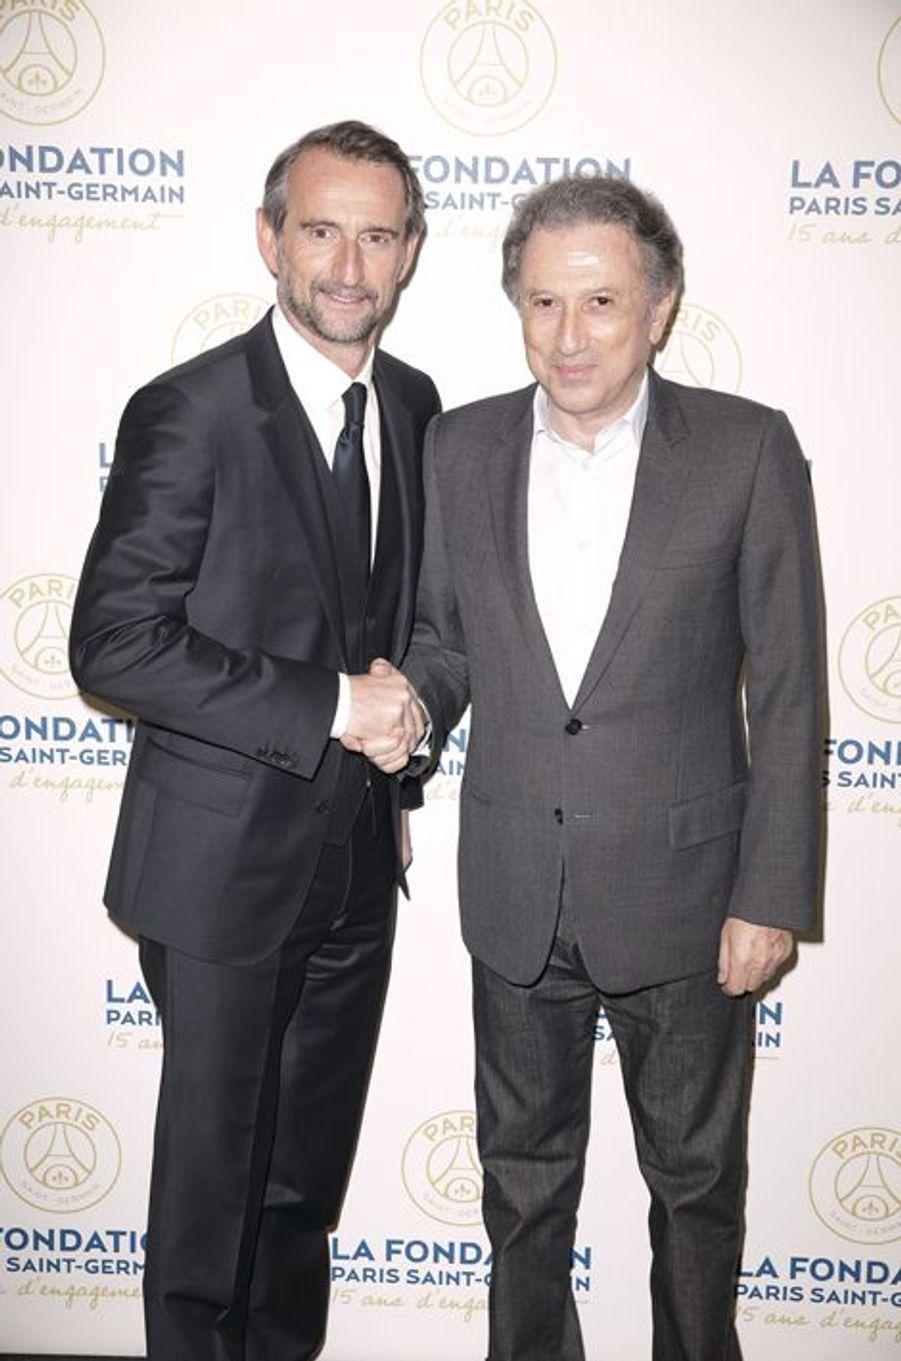 Michel Drucker et Jean-Claude Blanc au gala de la Fondation PGS